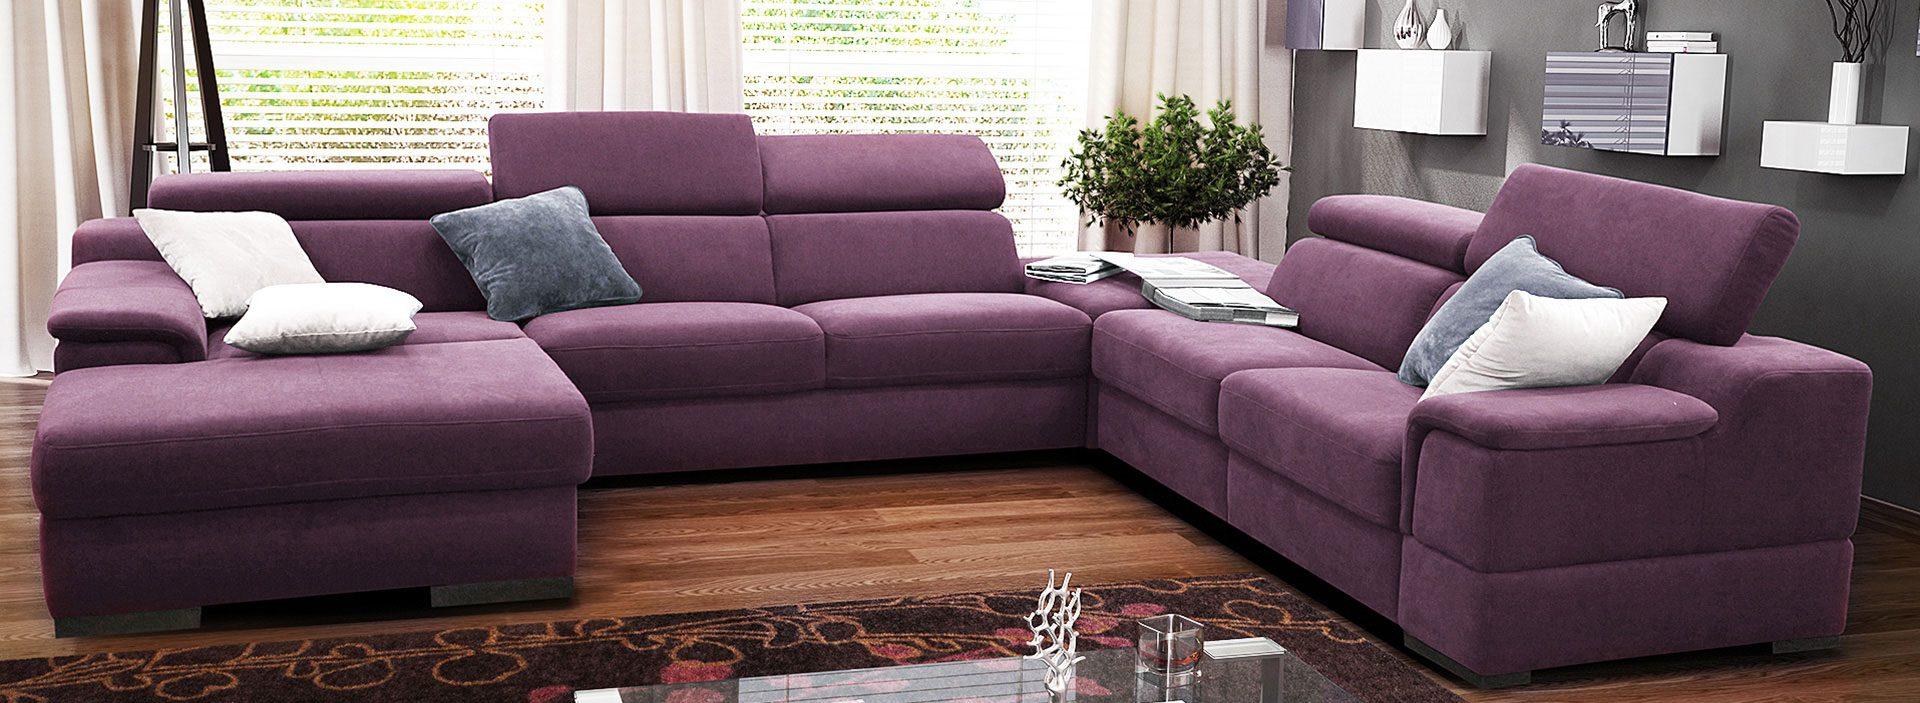 Модульный вариант дивана